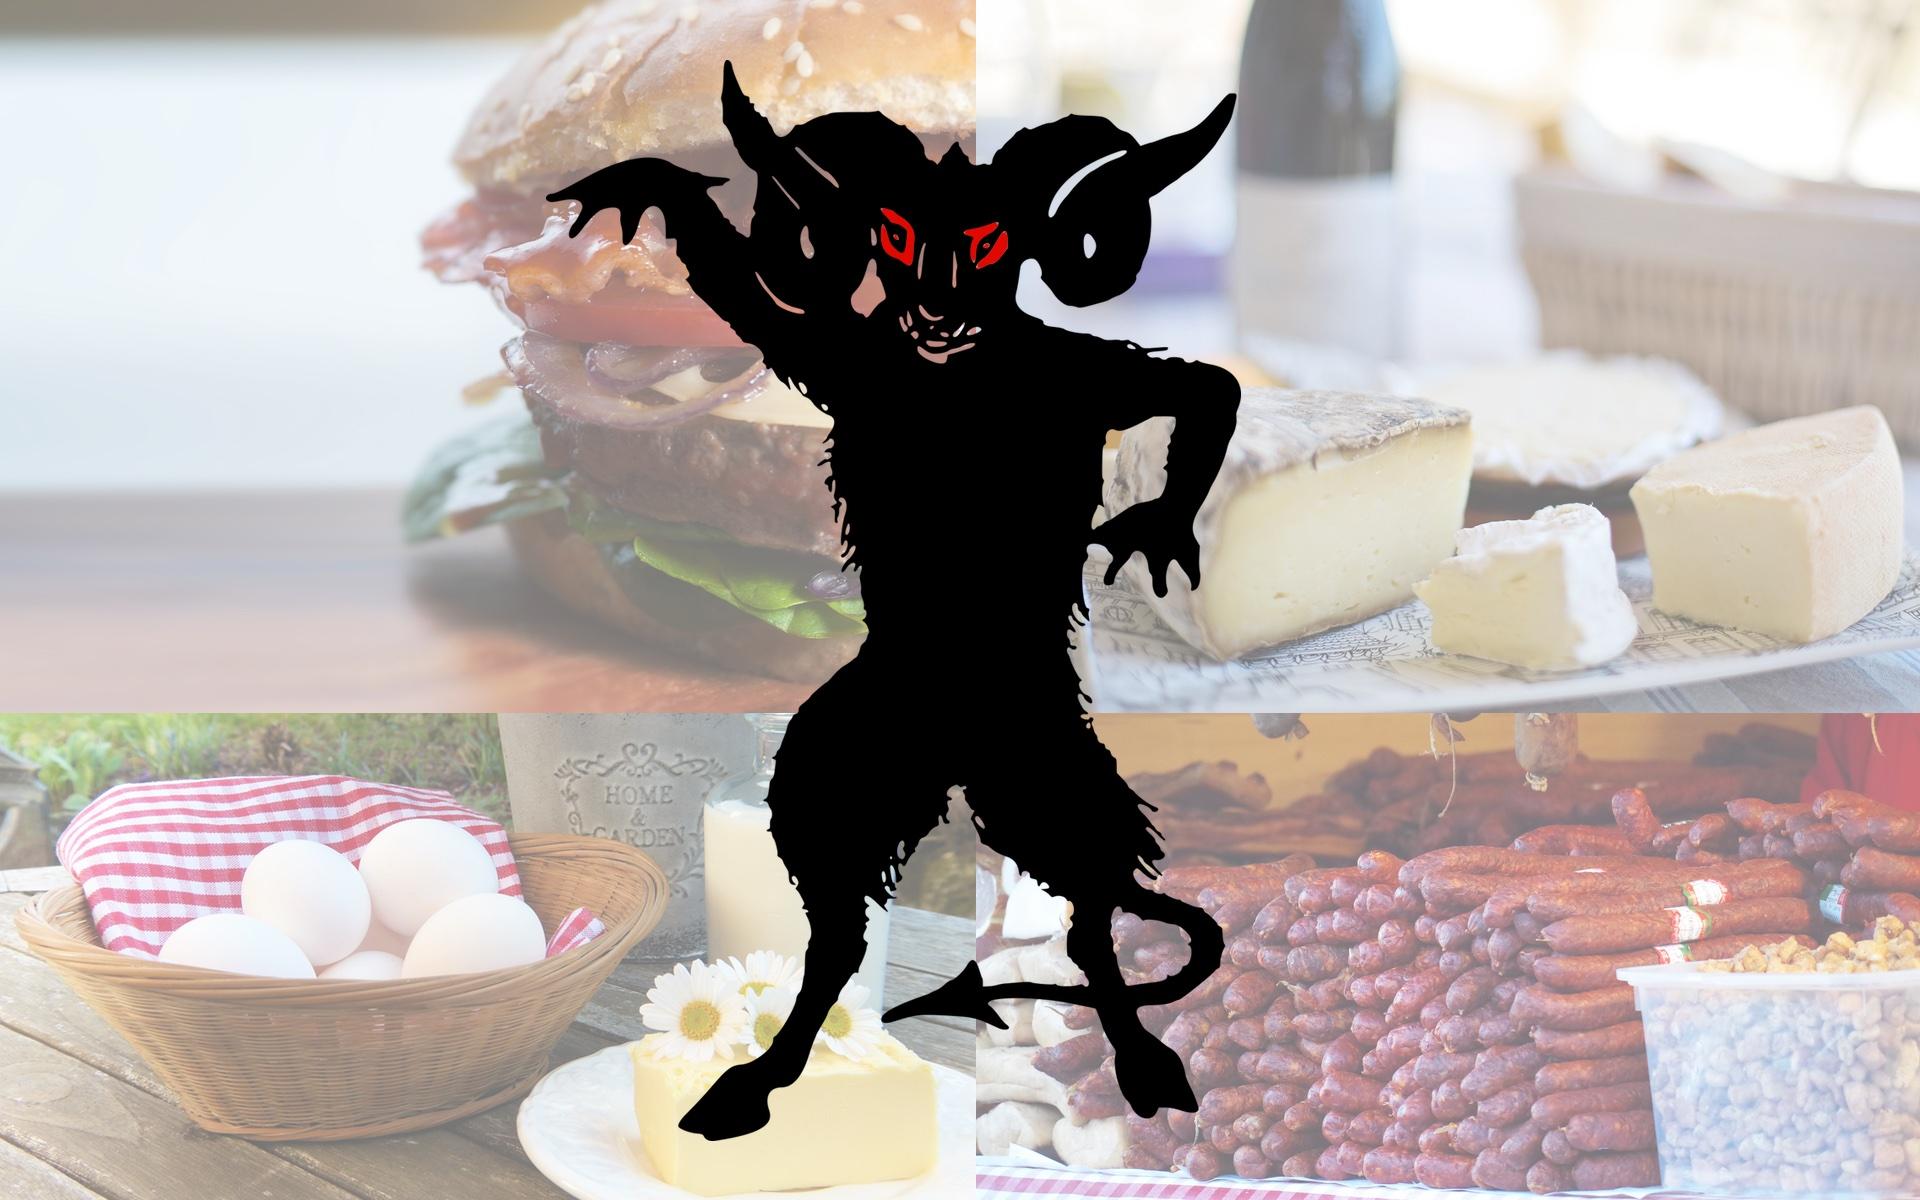 Risikoernährung Teaser Teufel Fleisch Wurst Milch Eier